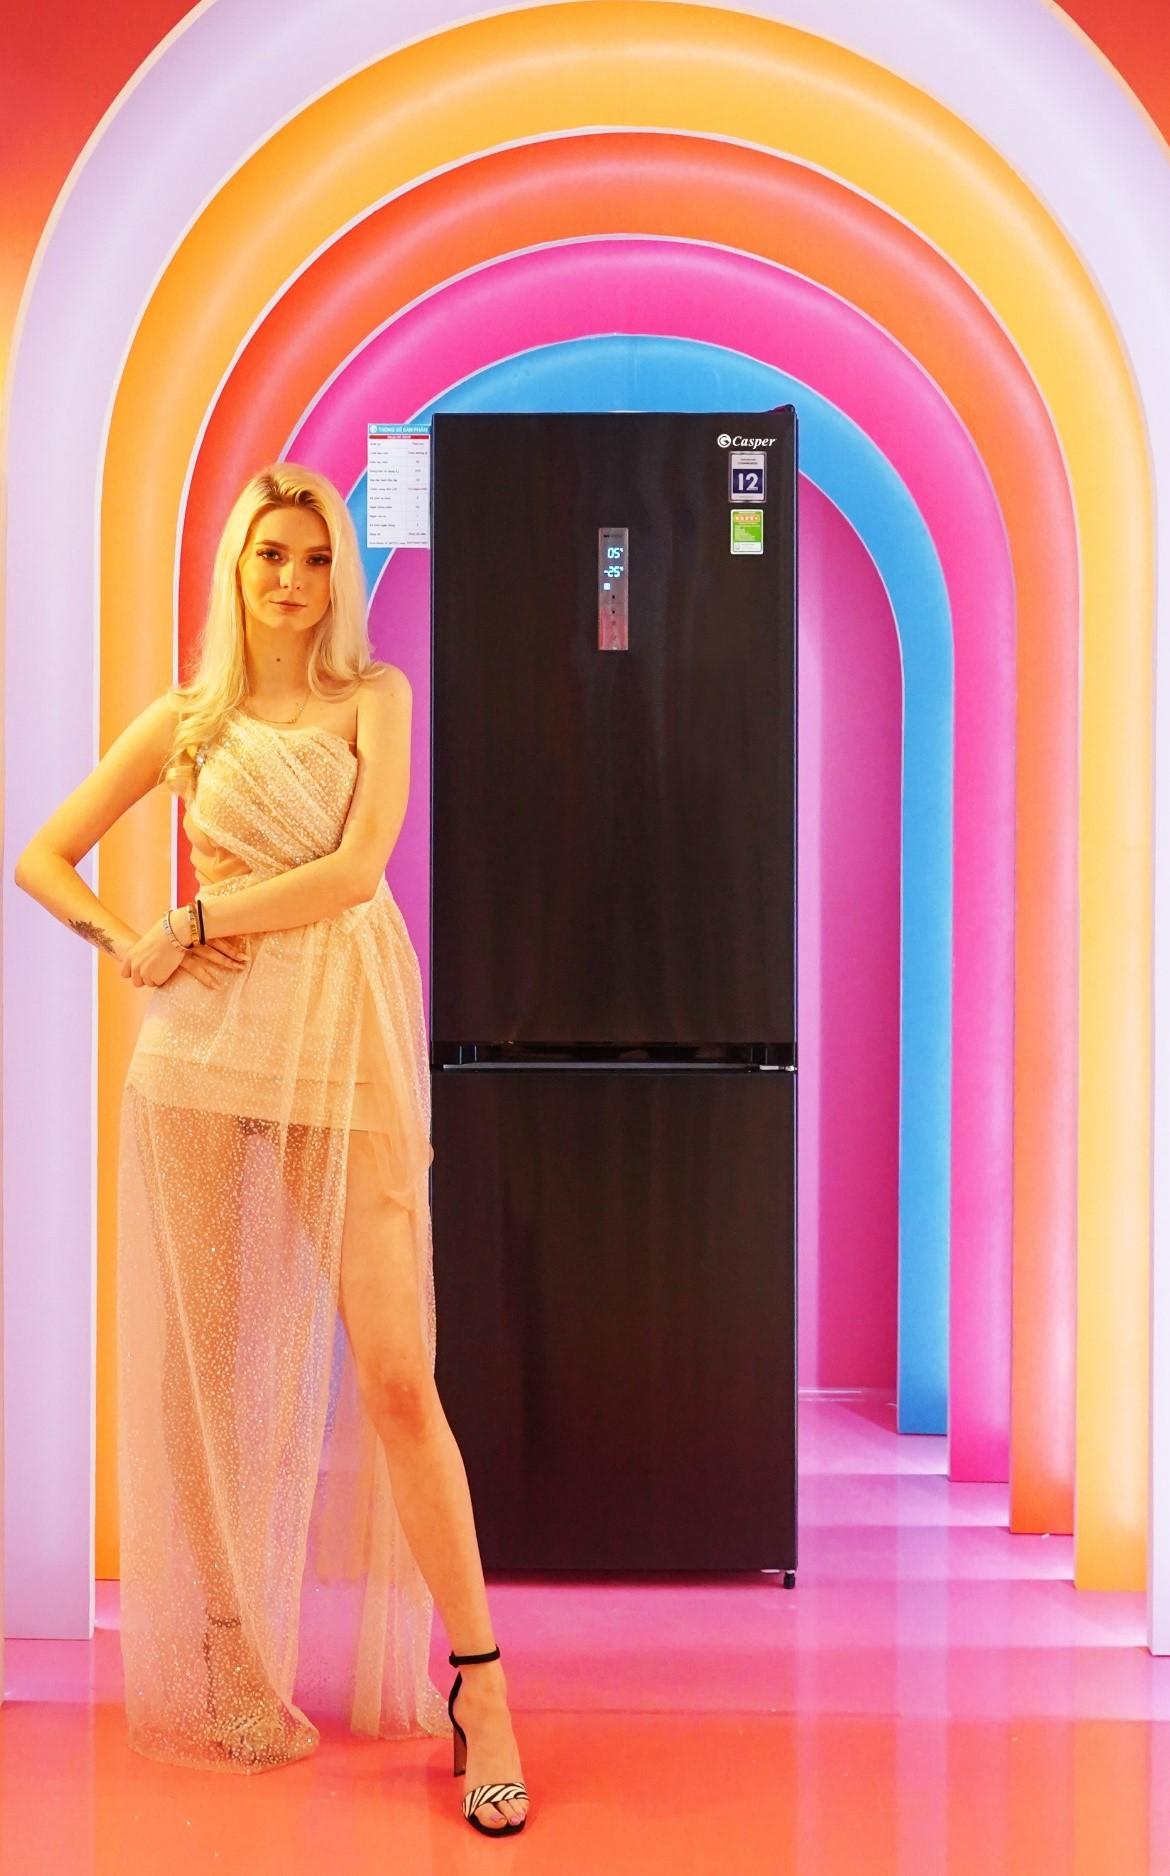 Đối với những không gian hạn chế về mặt diện tích, tủ lạnh hai cửa ngăn đông dưới RB-365VB là lựa chọn thích hợp. Nhờ hai dàn lạnh độc lập, người dùng có thể bảo quản thực phẩm từng nhóm riêng không bị lẫn mùi. Nhiệt độ các ngăn được cài đặt riêng theo từng nhu cầu, đảm bảo thực phẩm ở trạng thái tối ưu nhất.